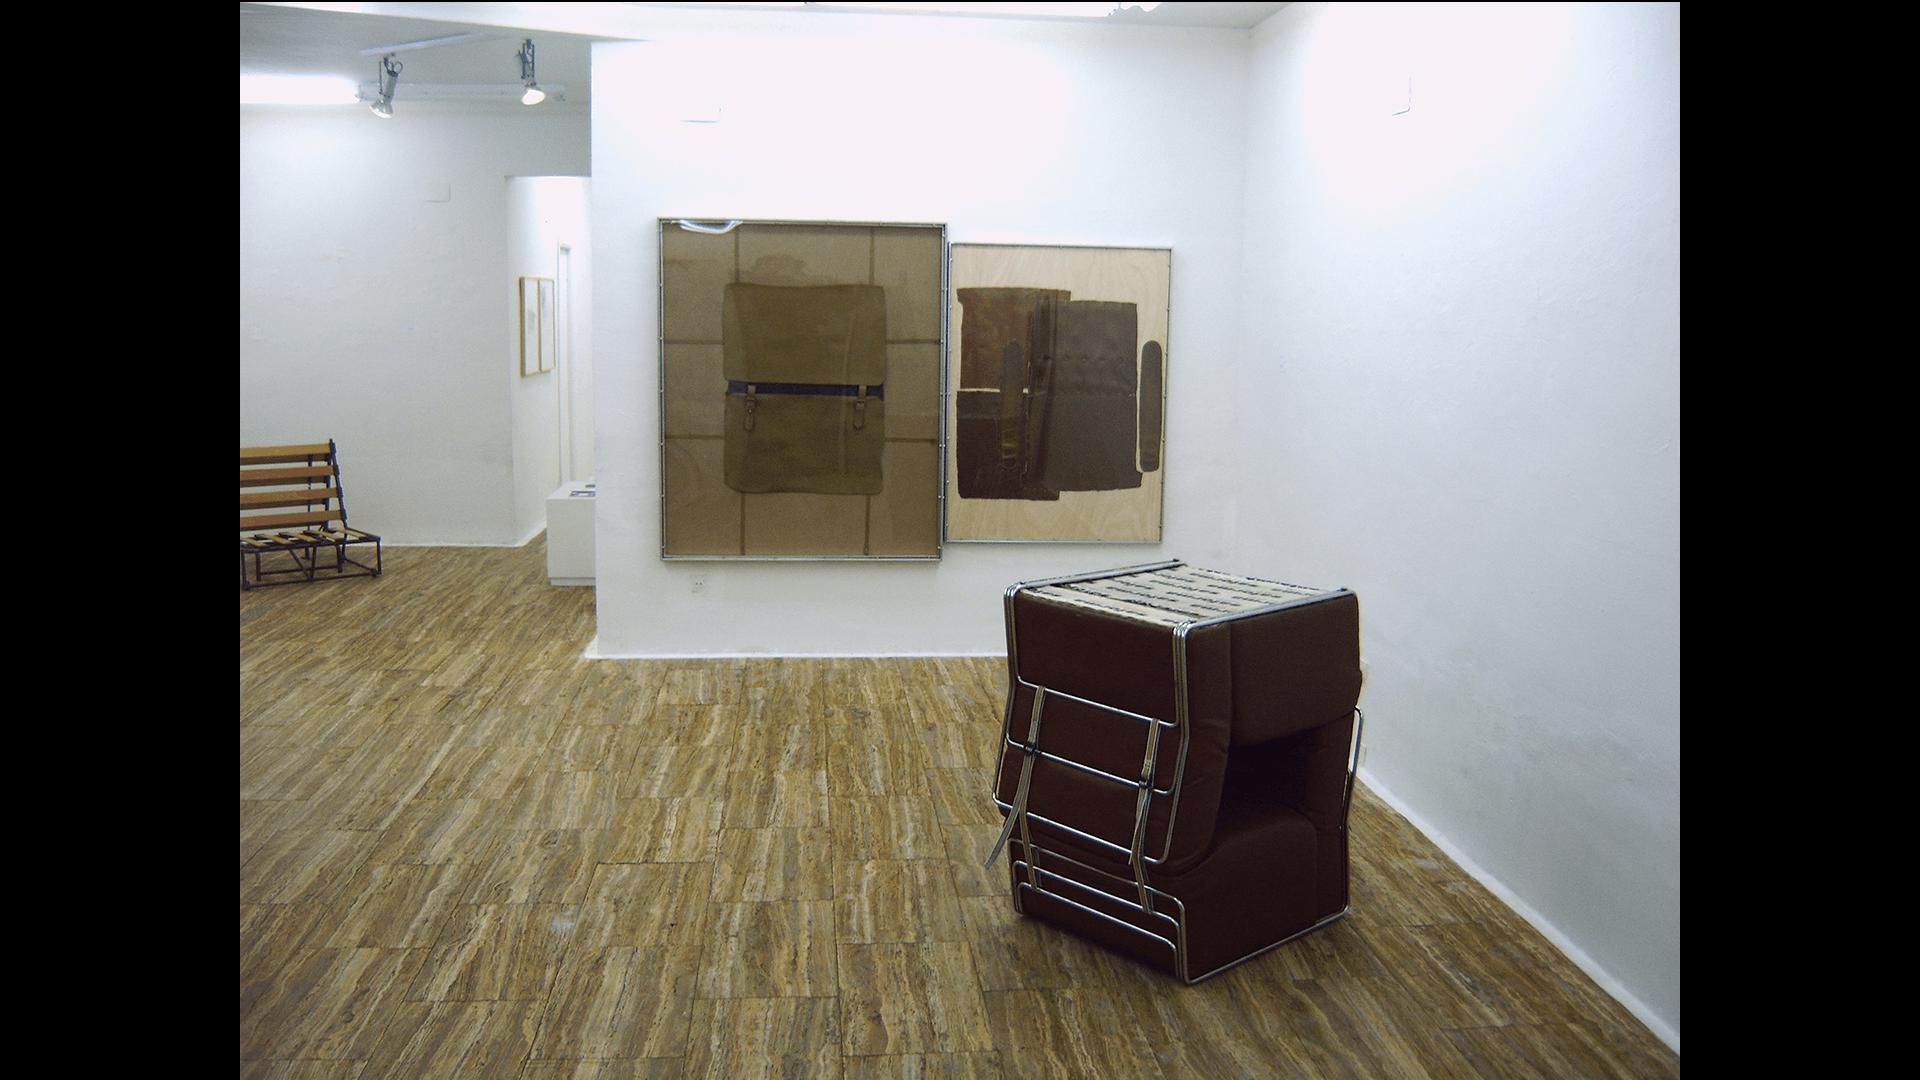 objectes-domestics-4